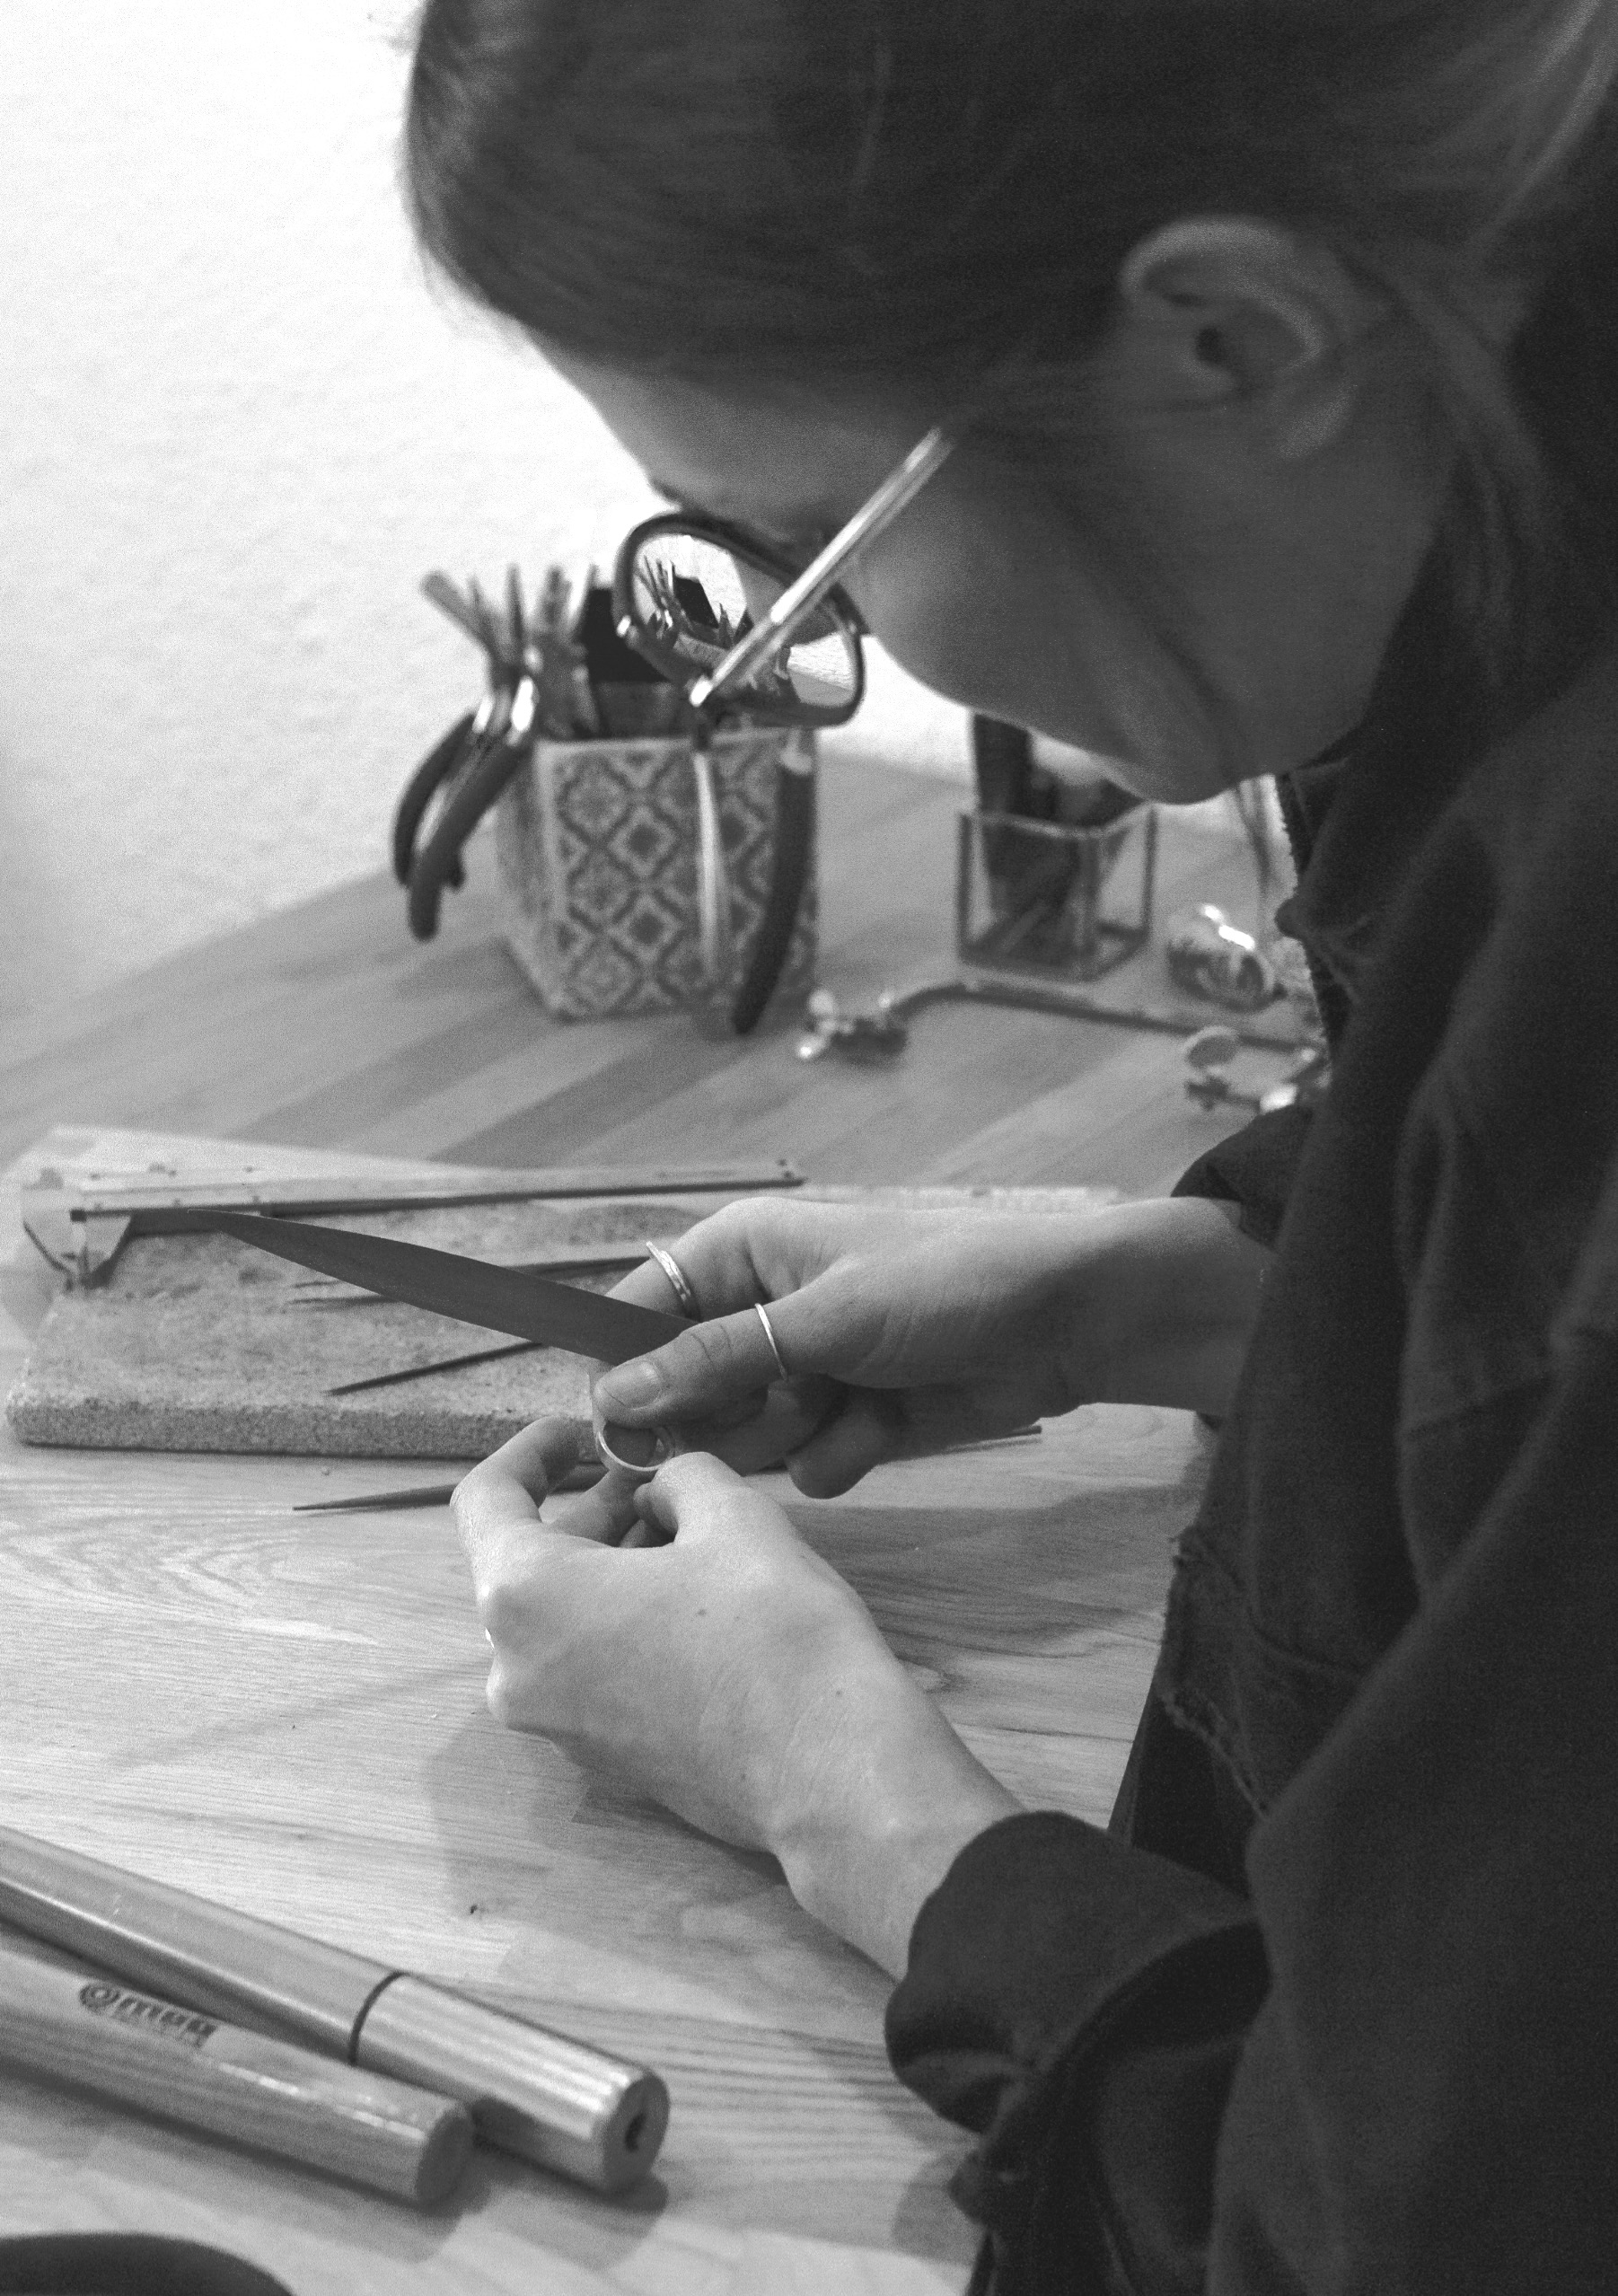 Bijoux le sud atelier